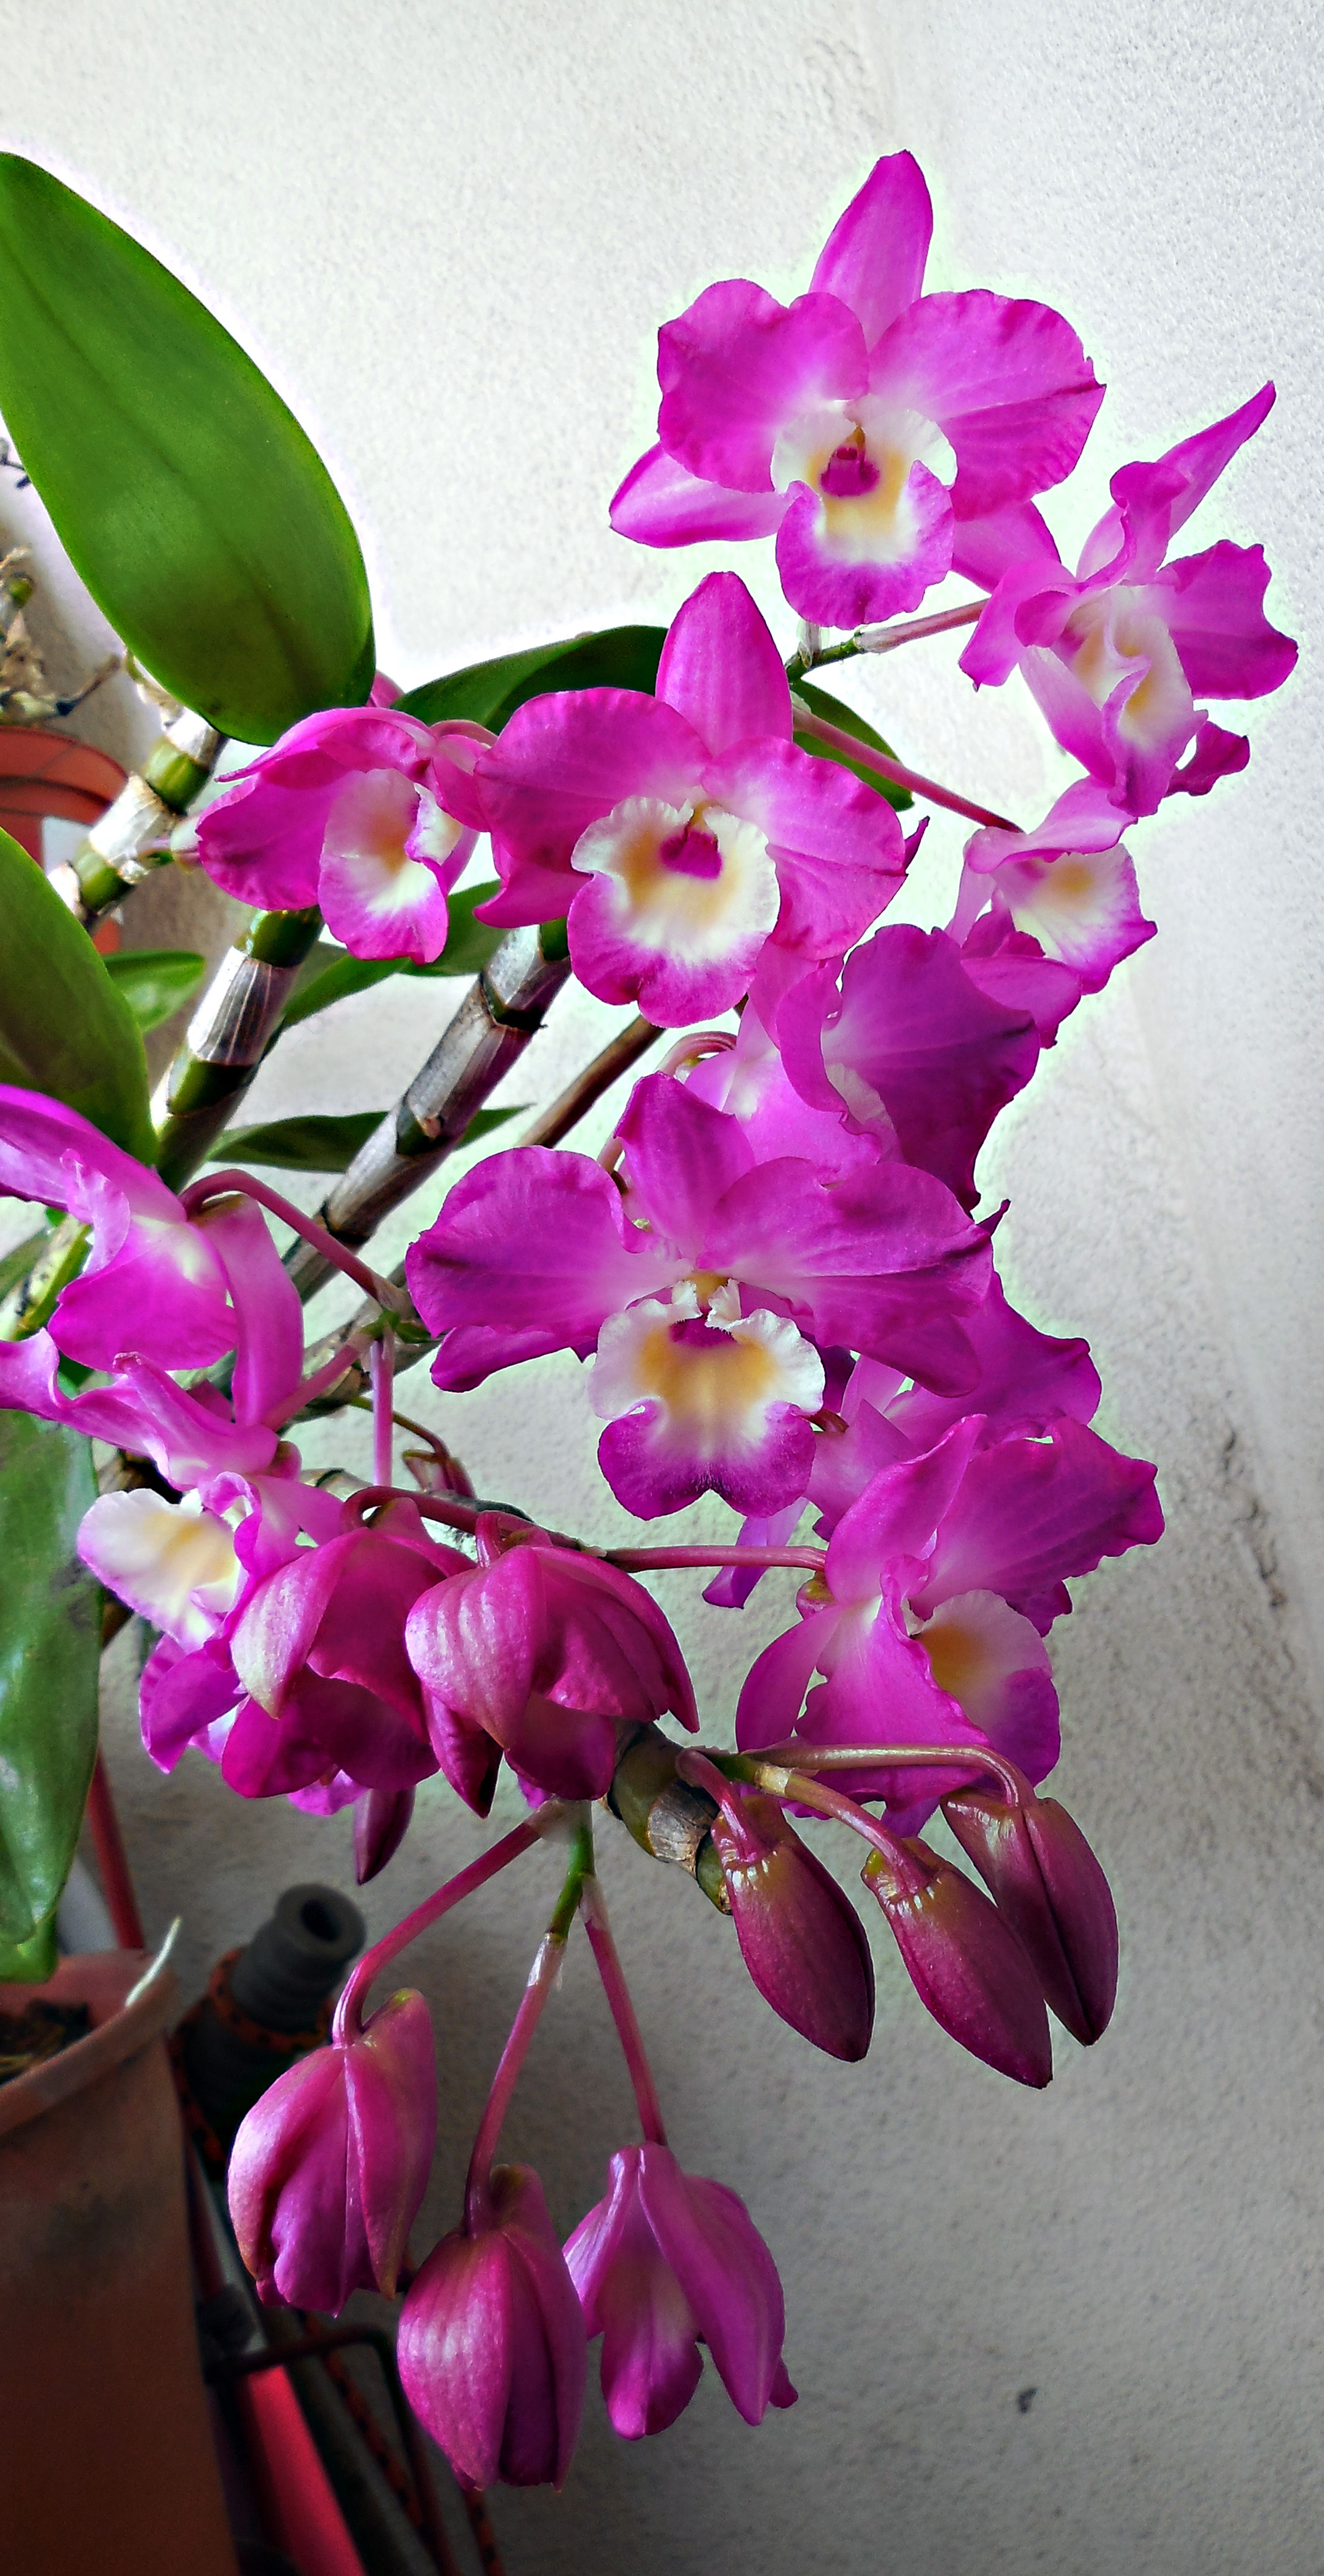 Dendrobium Nobile Orchid Orquideas Dendrobium Orquideas Cymbidium Orquidea